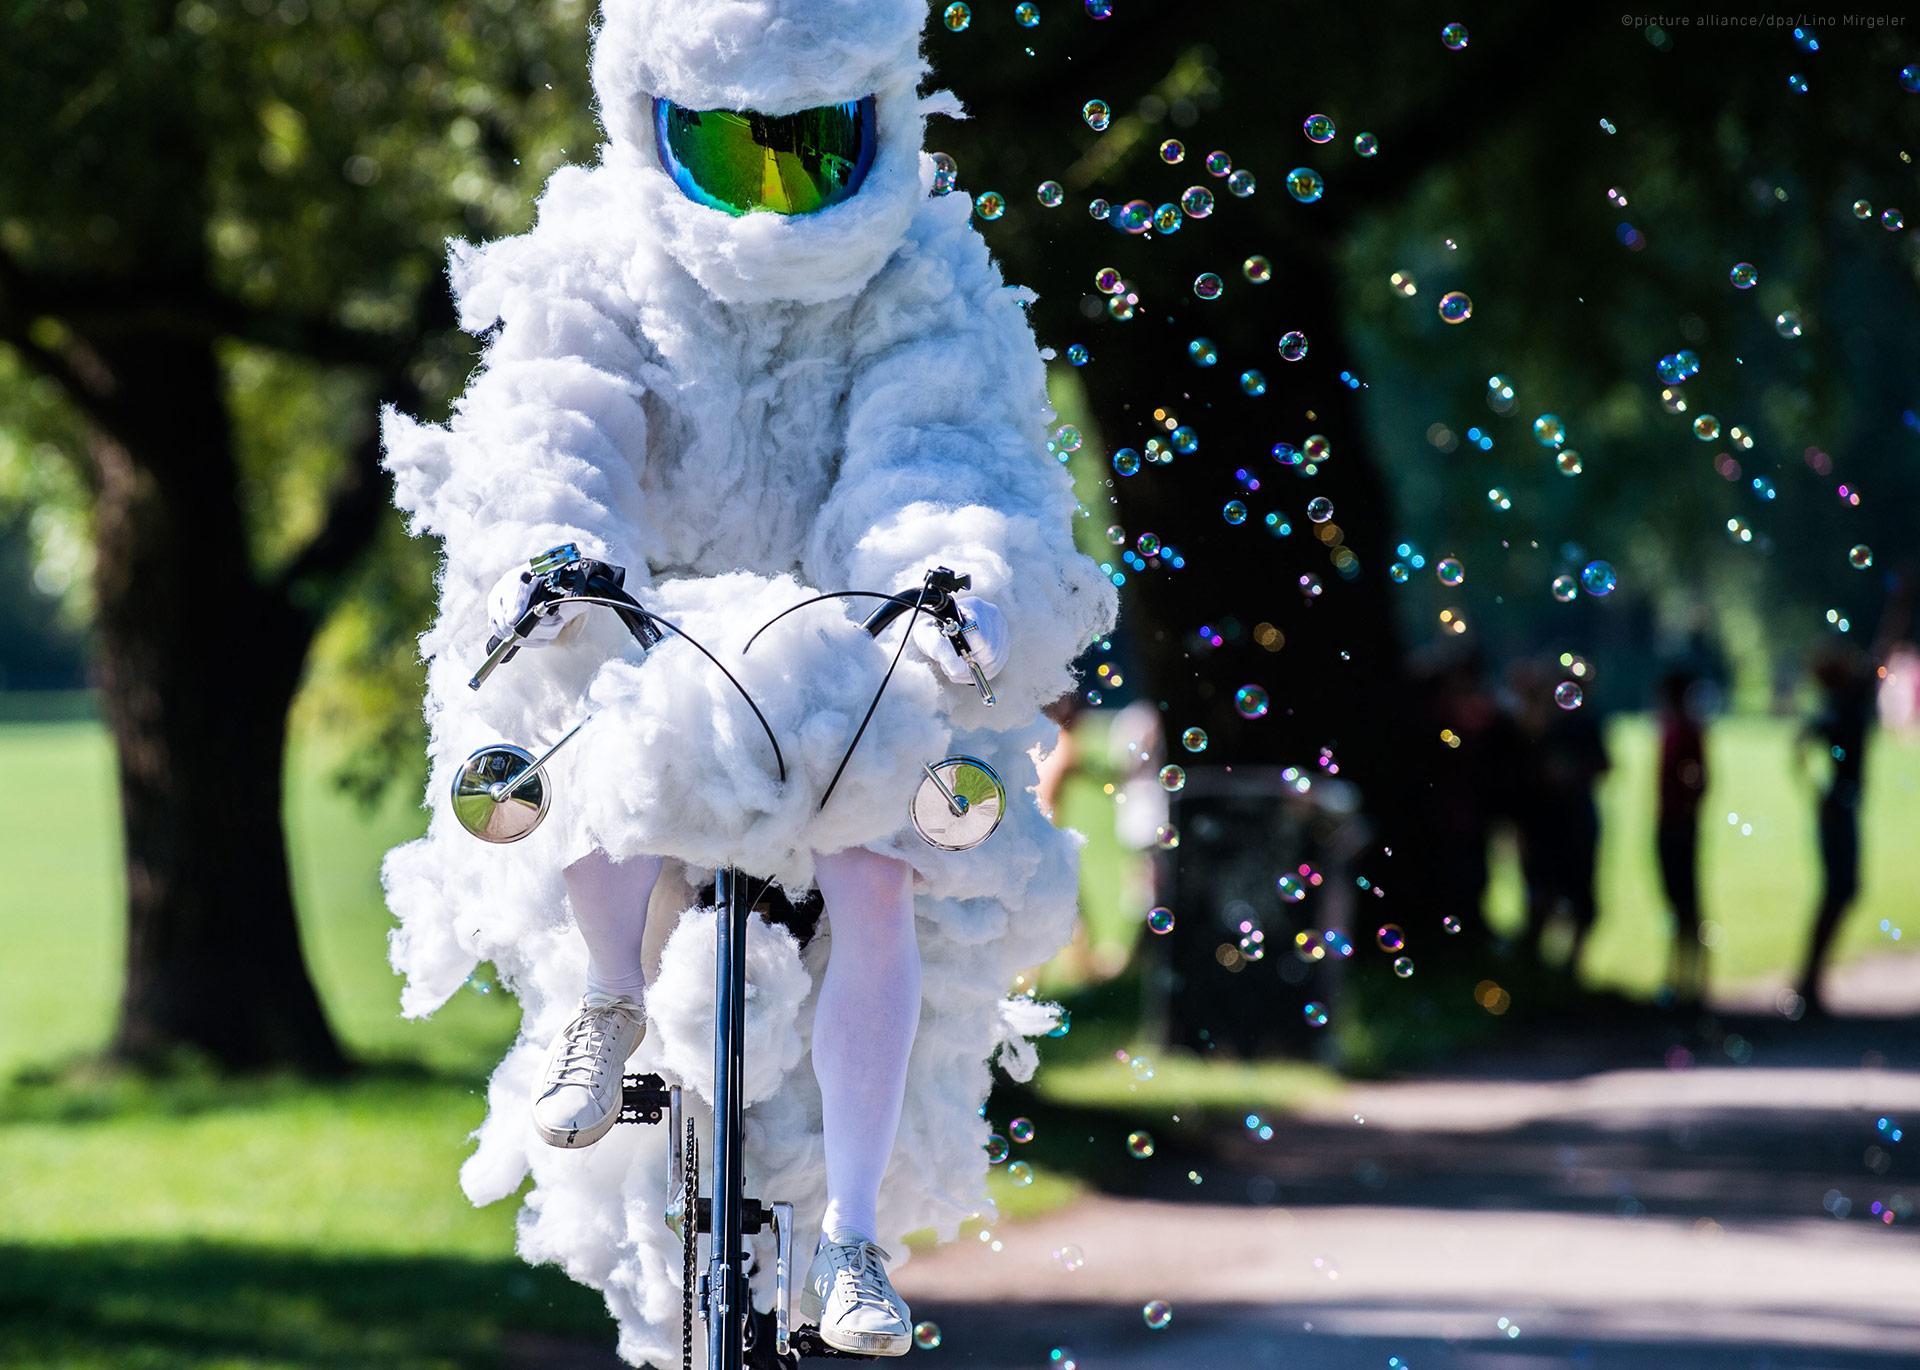 air-pollution-wolkenradler-cycling-cloud-cyclist-luftverschmutzung-soap-bubbles-106903106-1